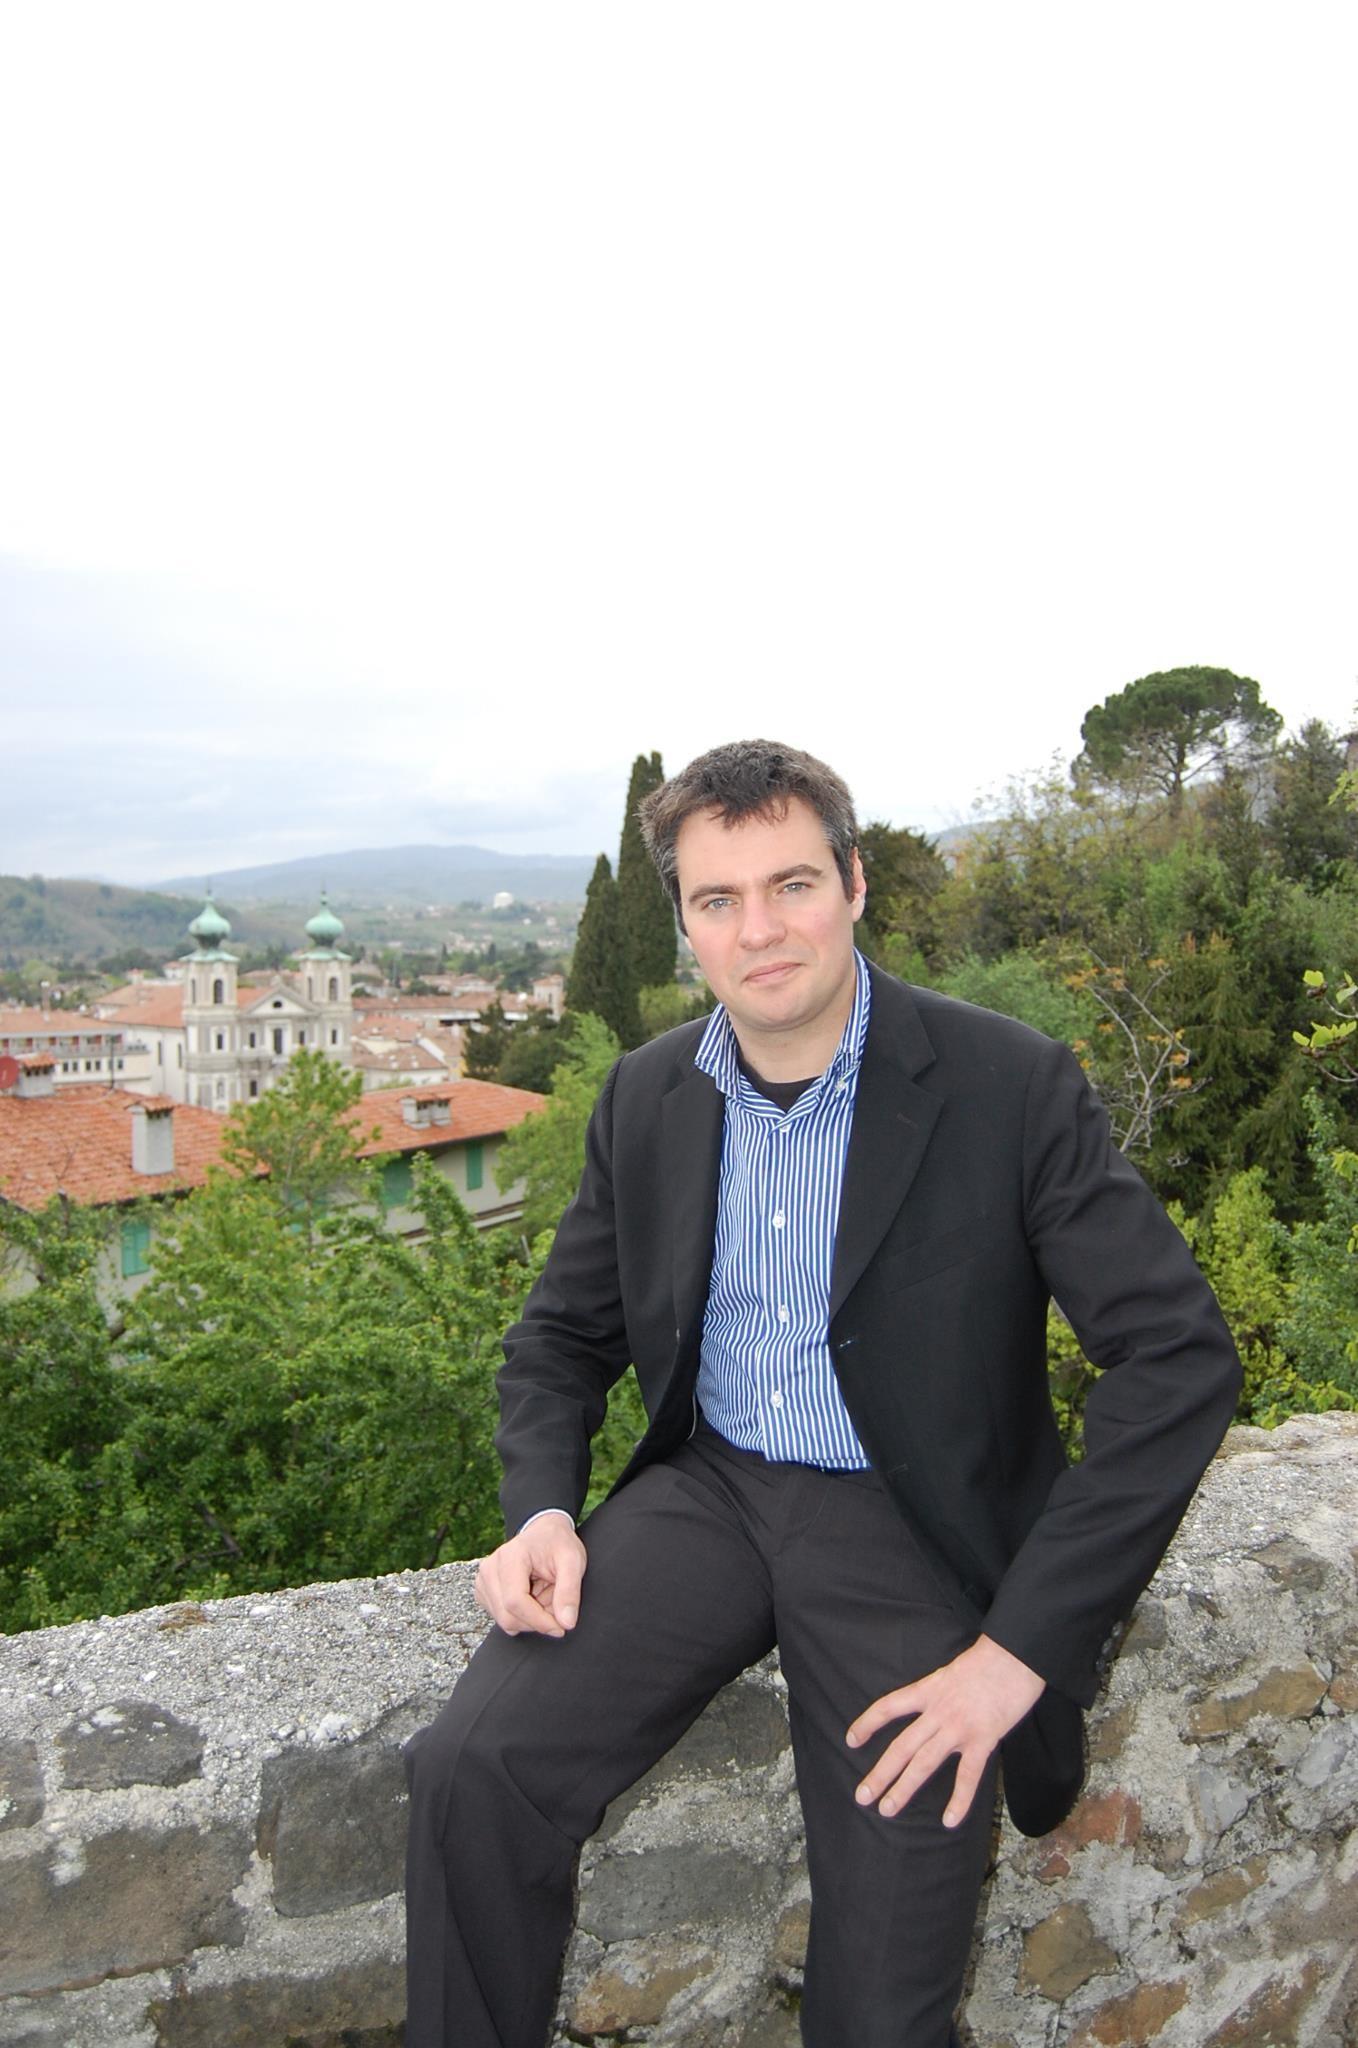 """Peterin (PD) su Galleria Bombi: 550.000 euro """"buttati"""" pubblici per demolire e ricostruire"""